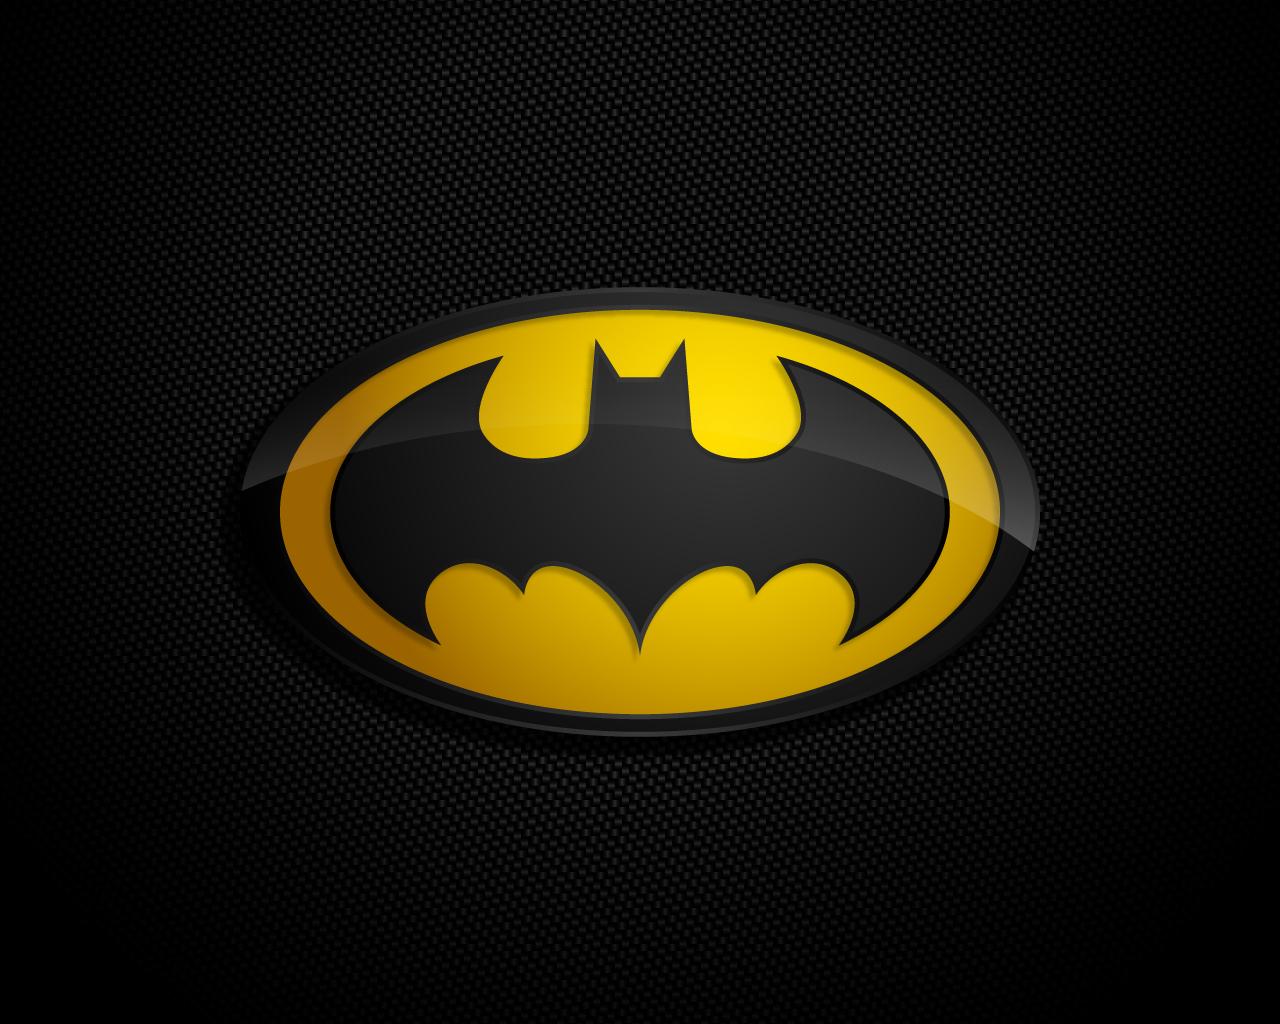 batman en the riddler wallpaper rode batman achtergrond batman 1280x1024